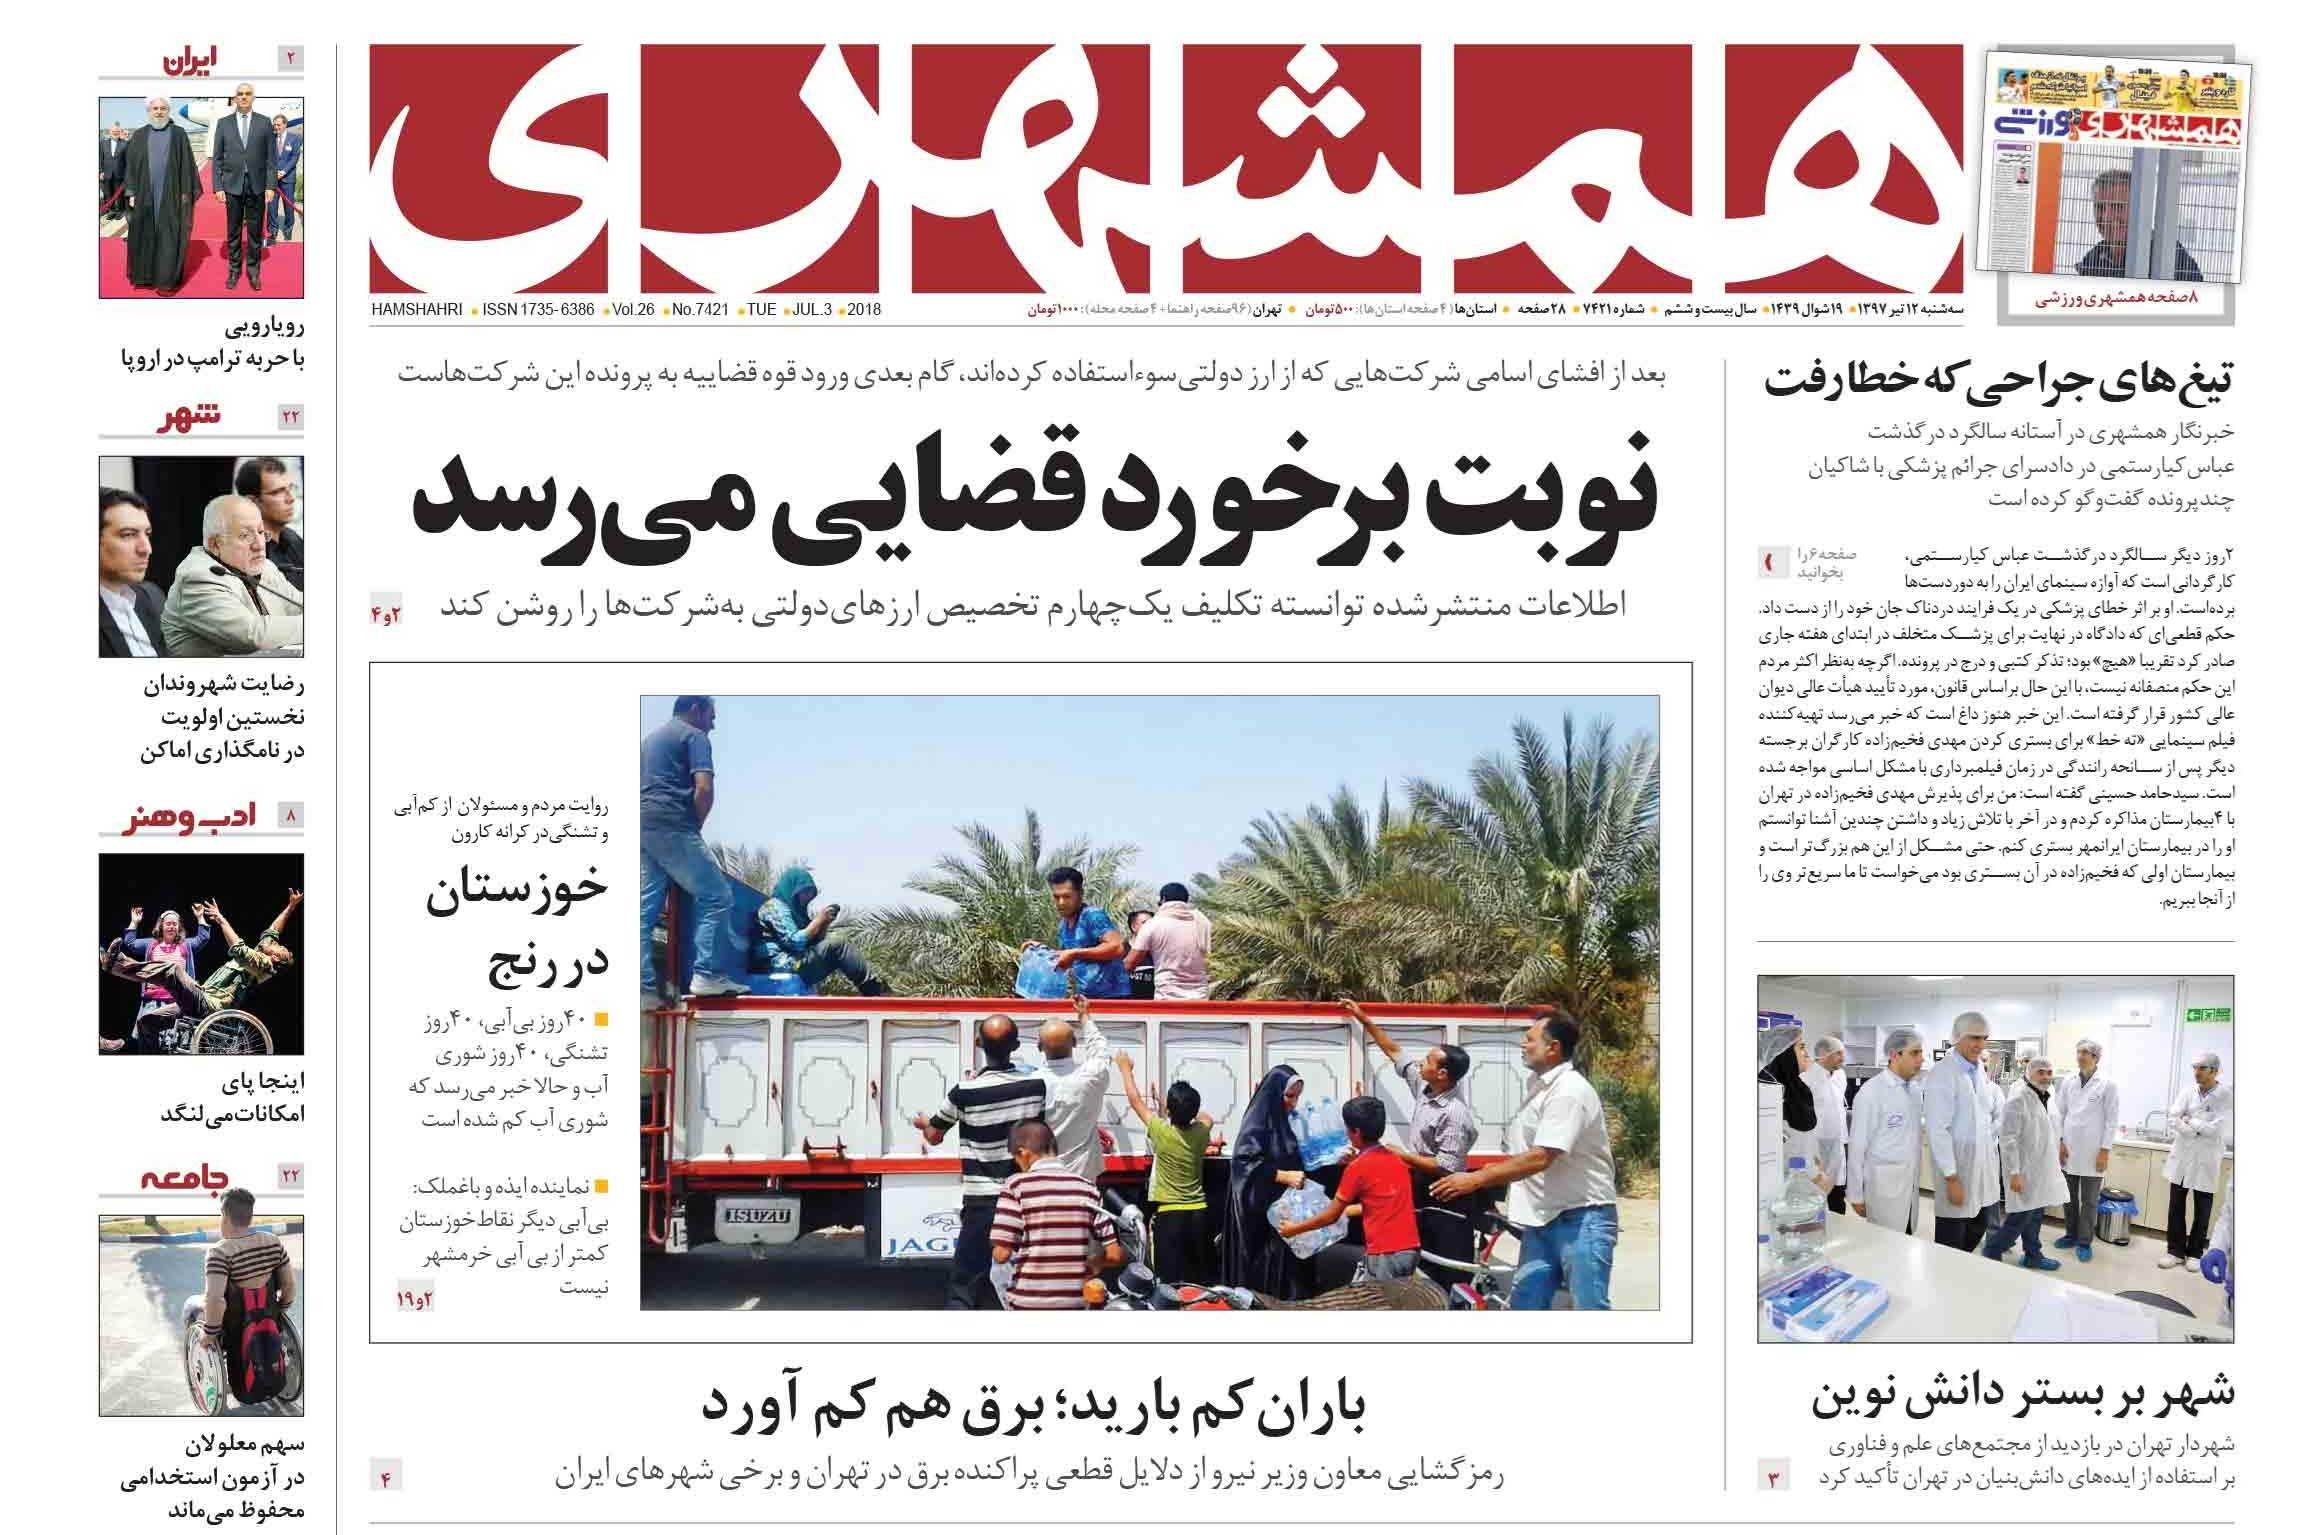 صفحه اول روزنامه همشهری سه شنبه ۱۲ تیر ۱۳۹۷